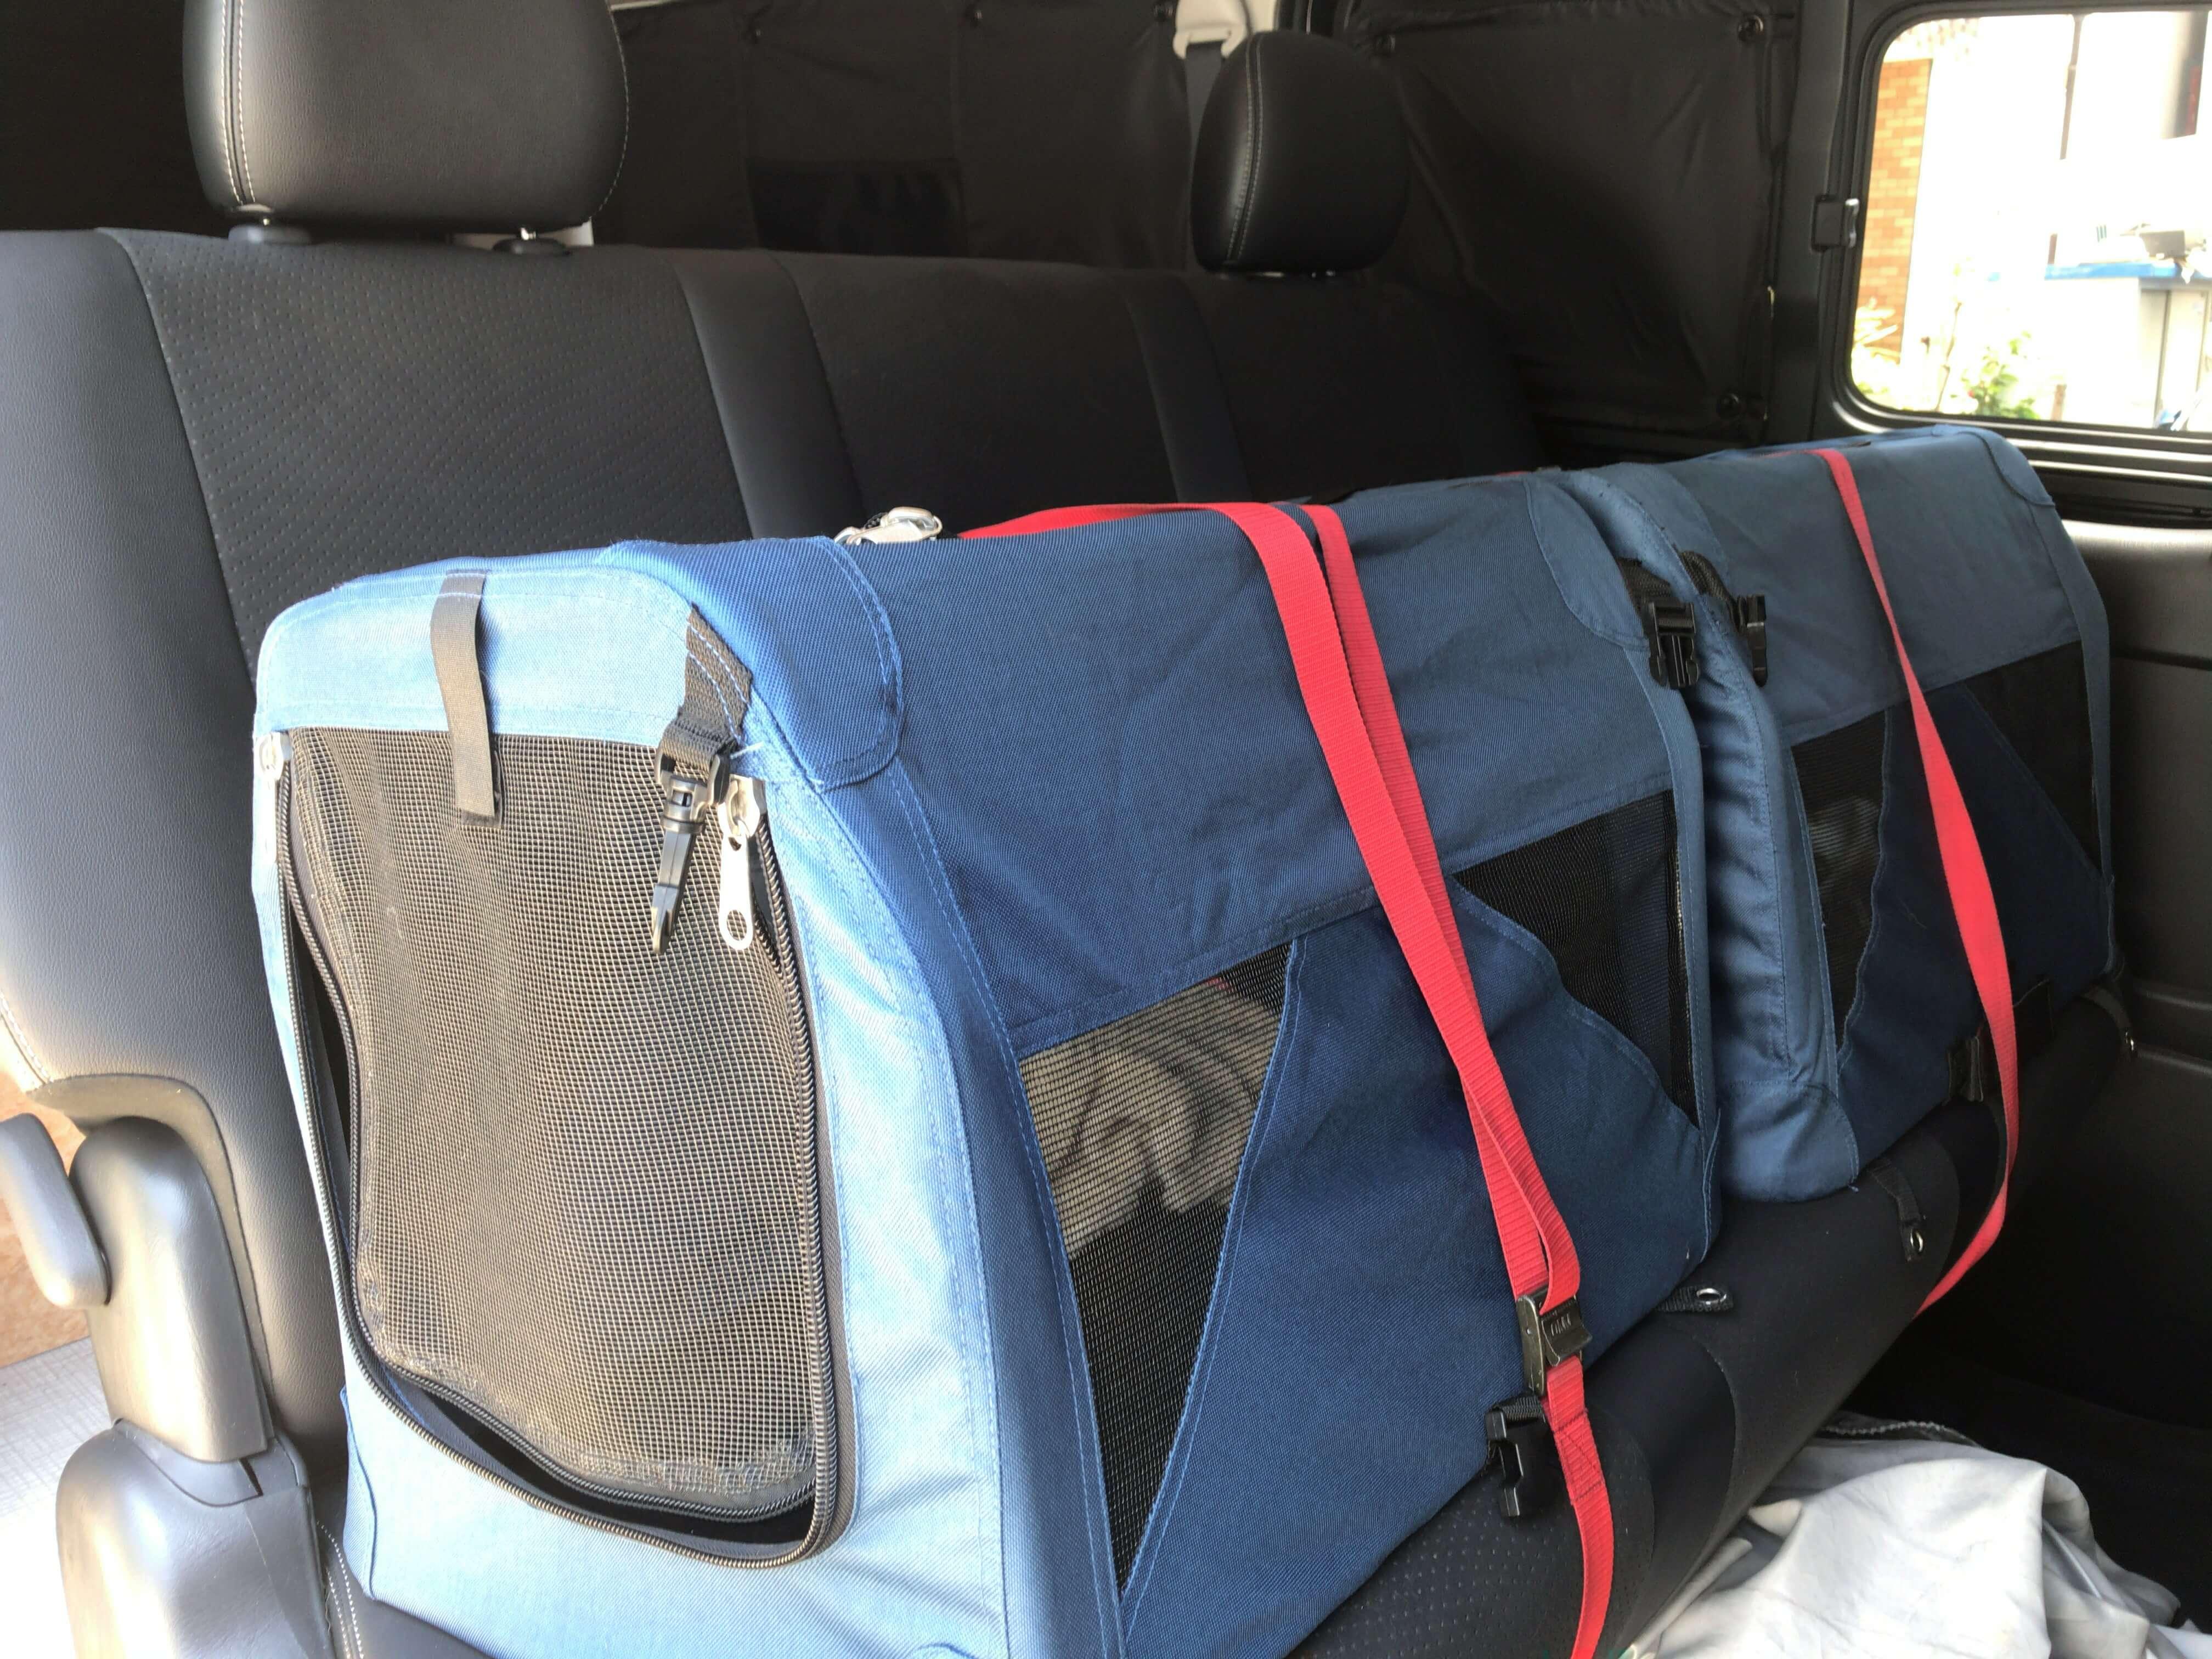 セカンドシートにペット用のケージを荷締めベルトで固定してます